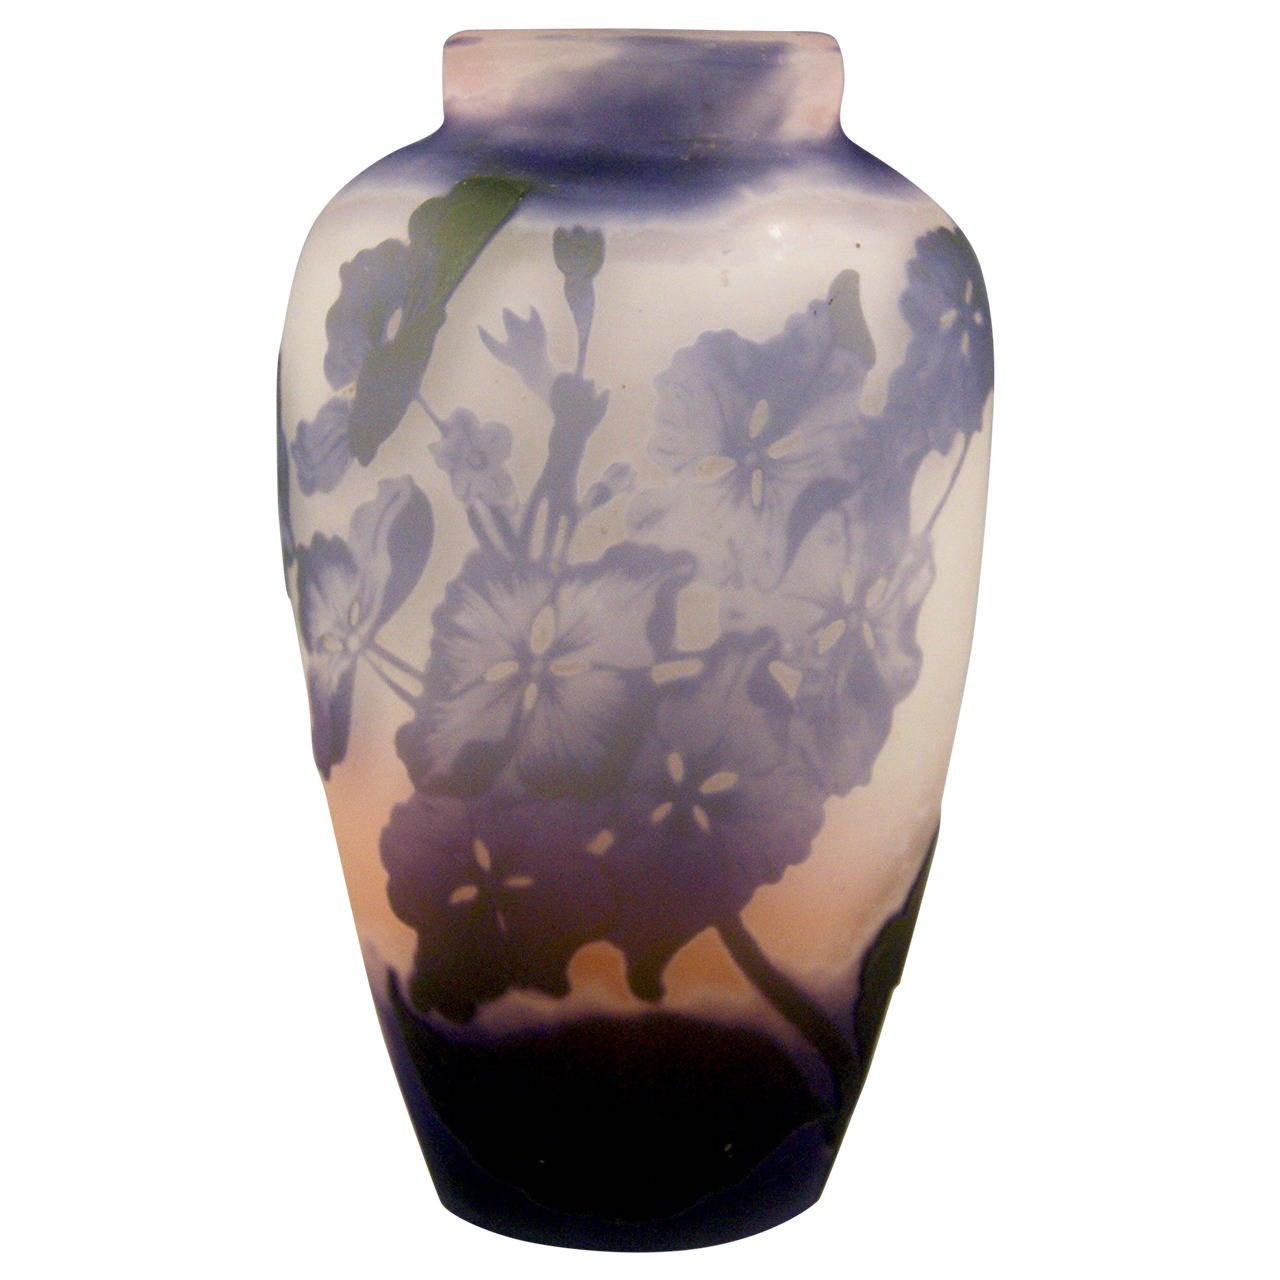 Gallé Nancy Vase Blossoms of Mallows Art Nouveau France Lorraine c. 1904